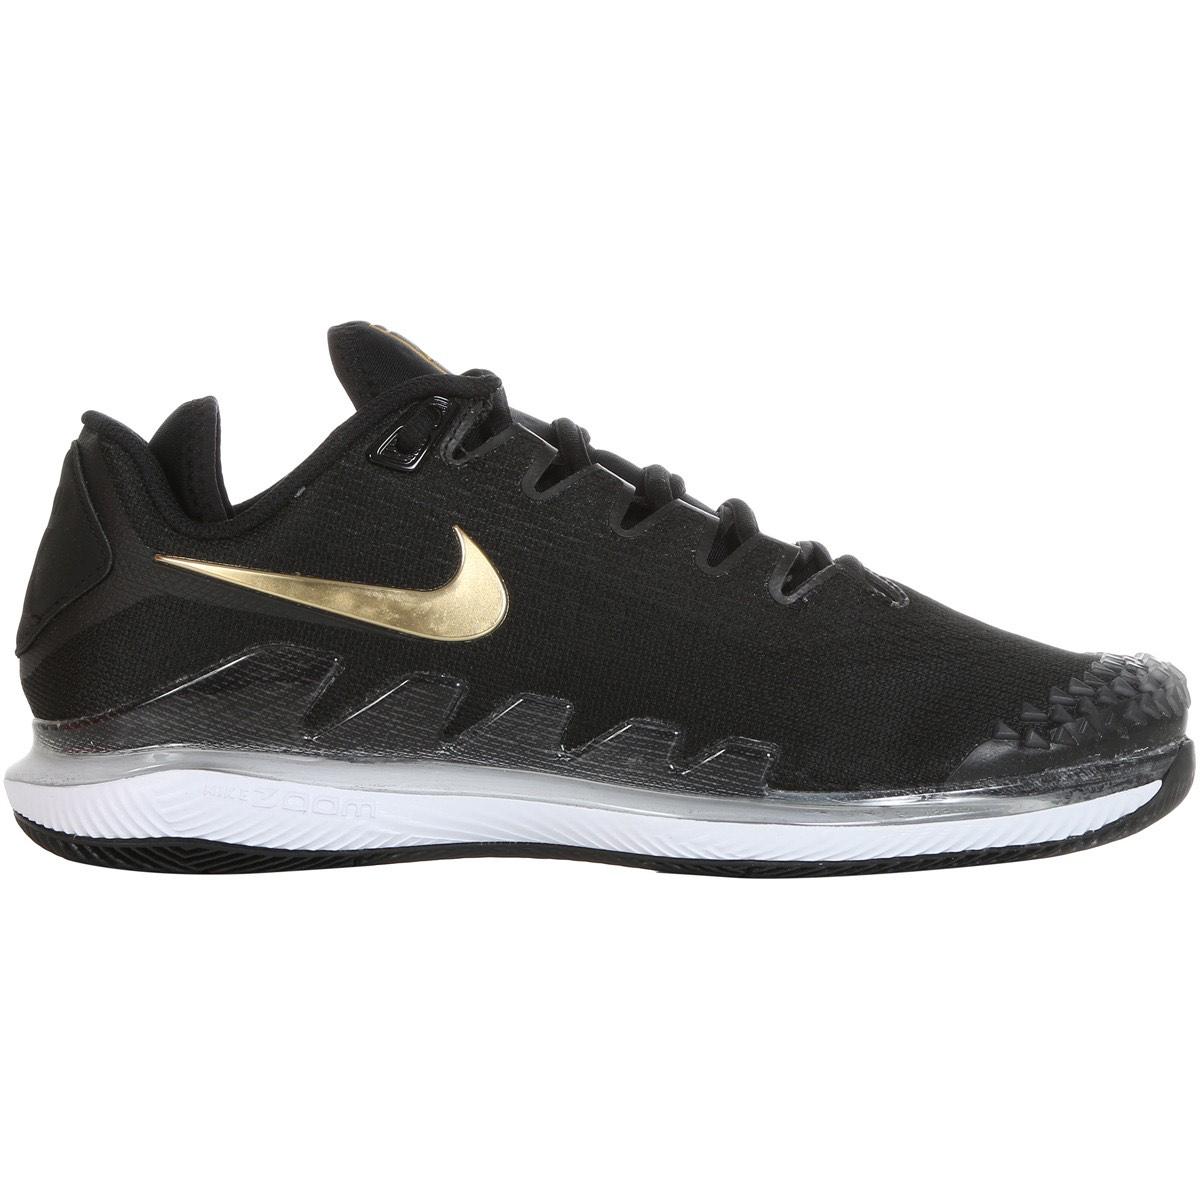 Chaussures Nike Air Zoom Vapor 10 KNIT pour Hommes - Tailles au choix (tennispro.fr)